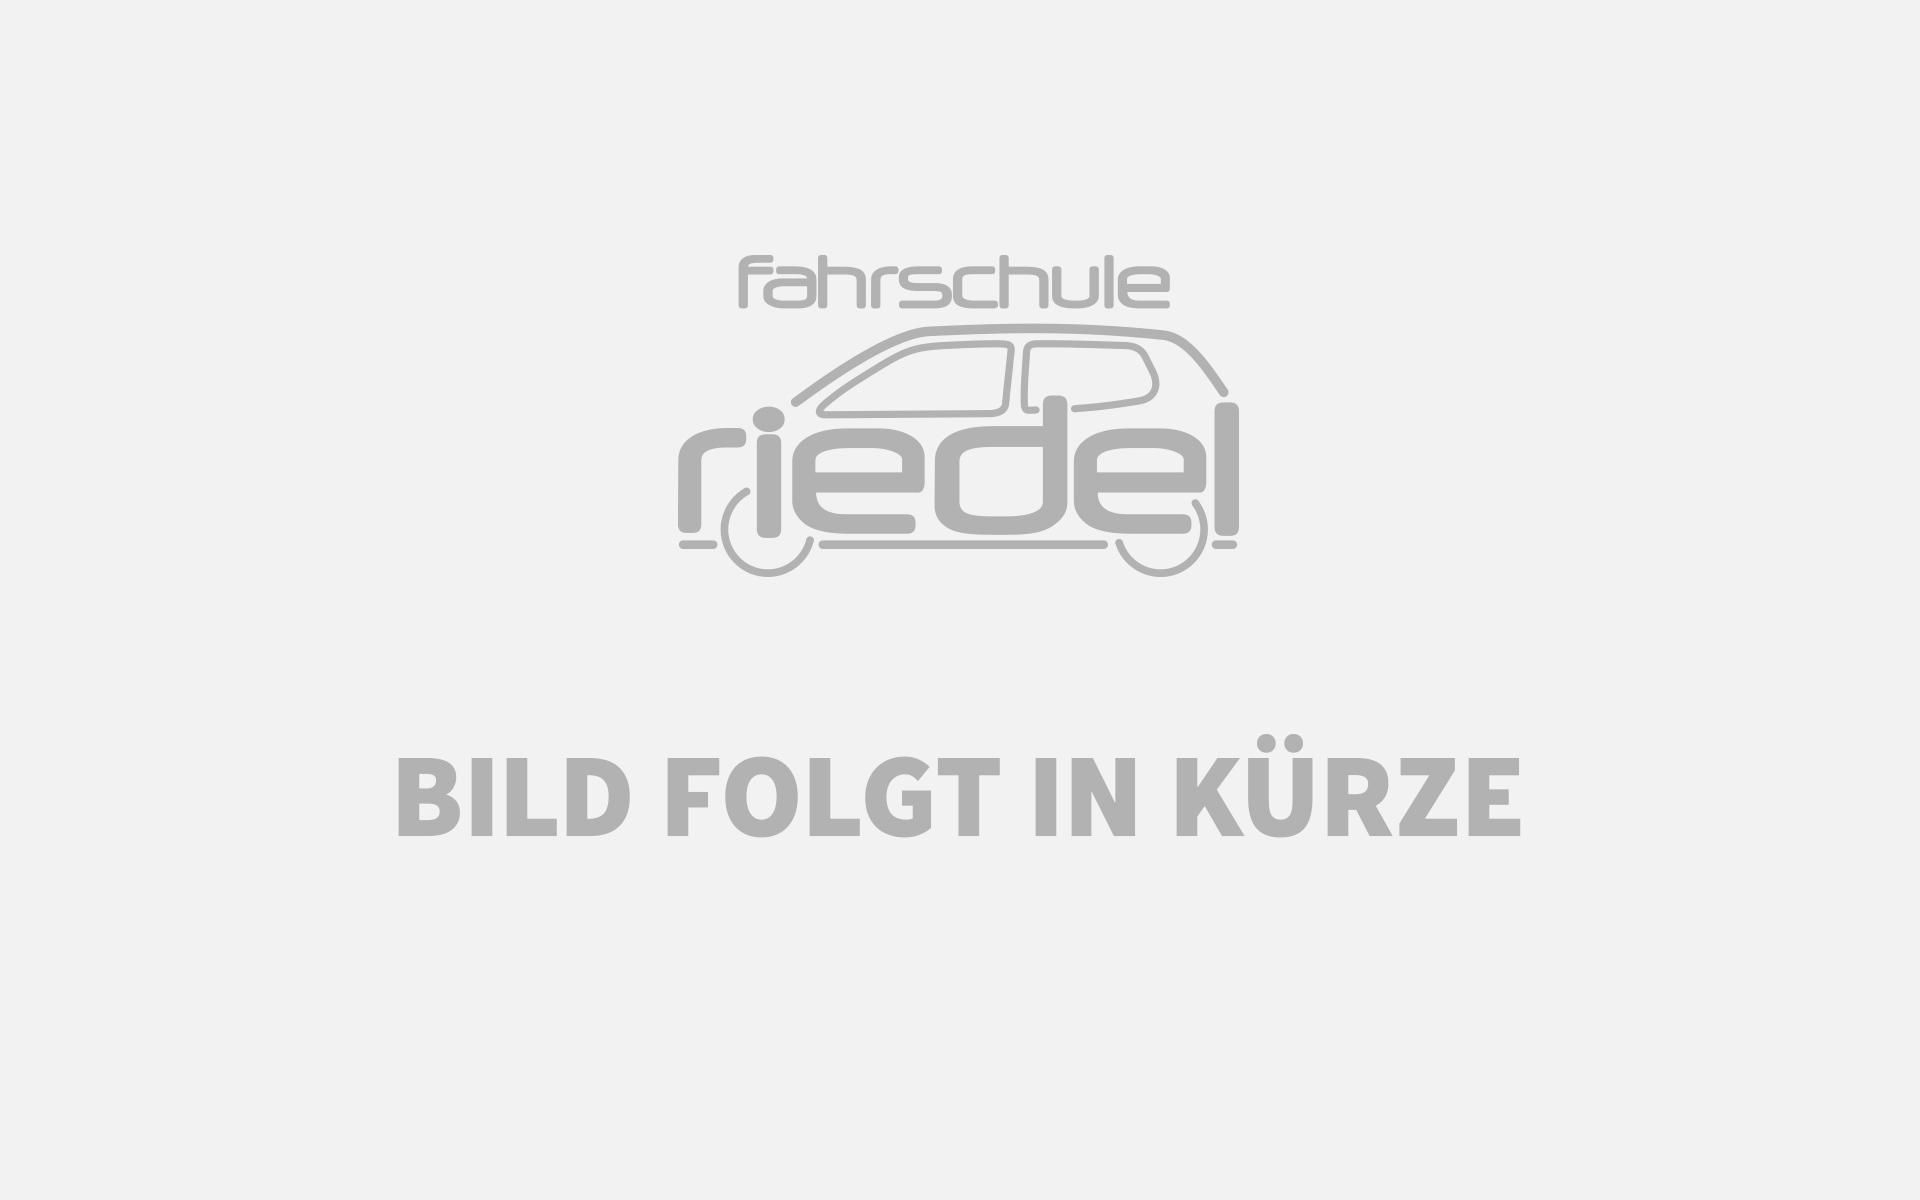 fahrschule_riedel_kfz